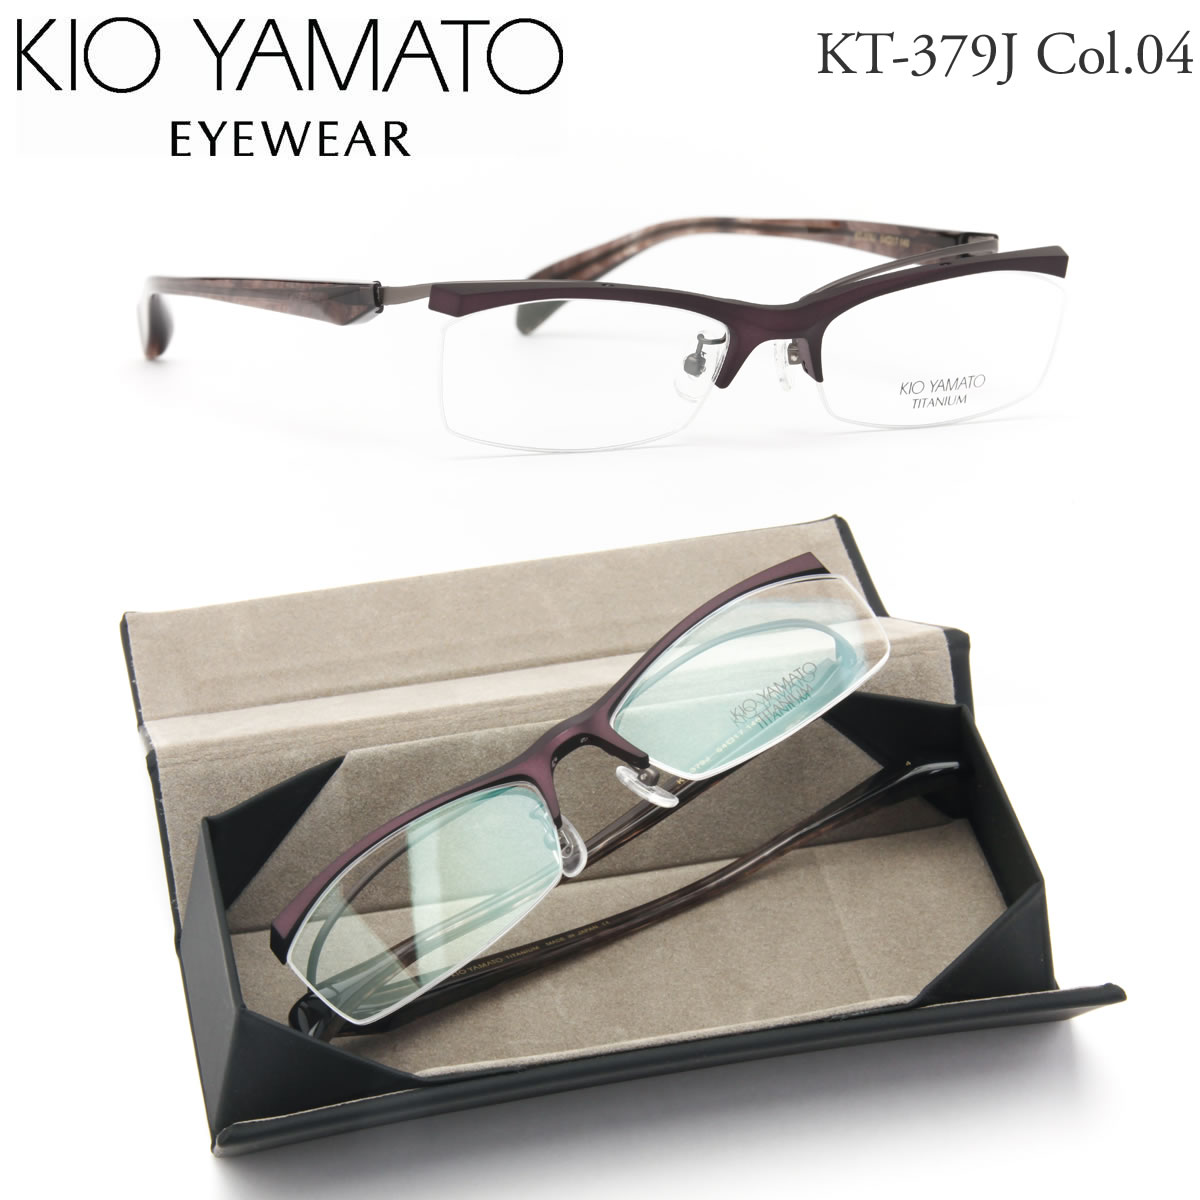 ほぼ全品ポイント15倍~最大43倍+3倍!お得なクーポンも! 【KIO YAMATO メガネ】キオヤマト メガネフレーム KT-379J 04